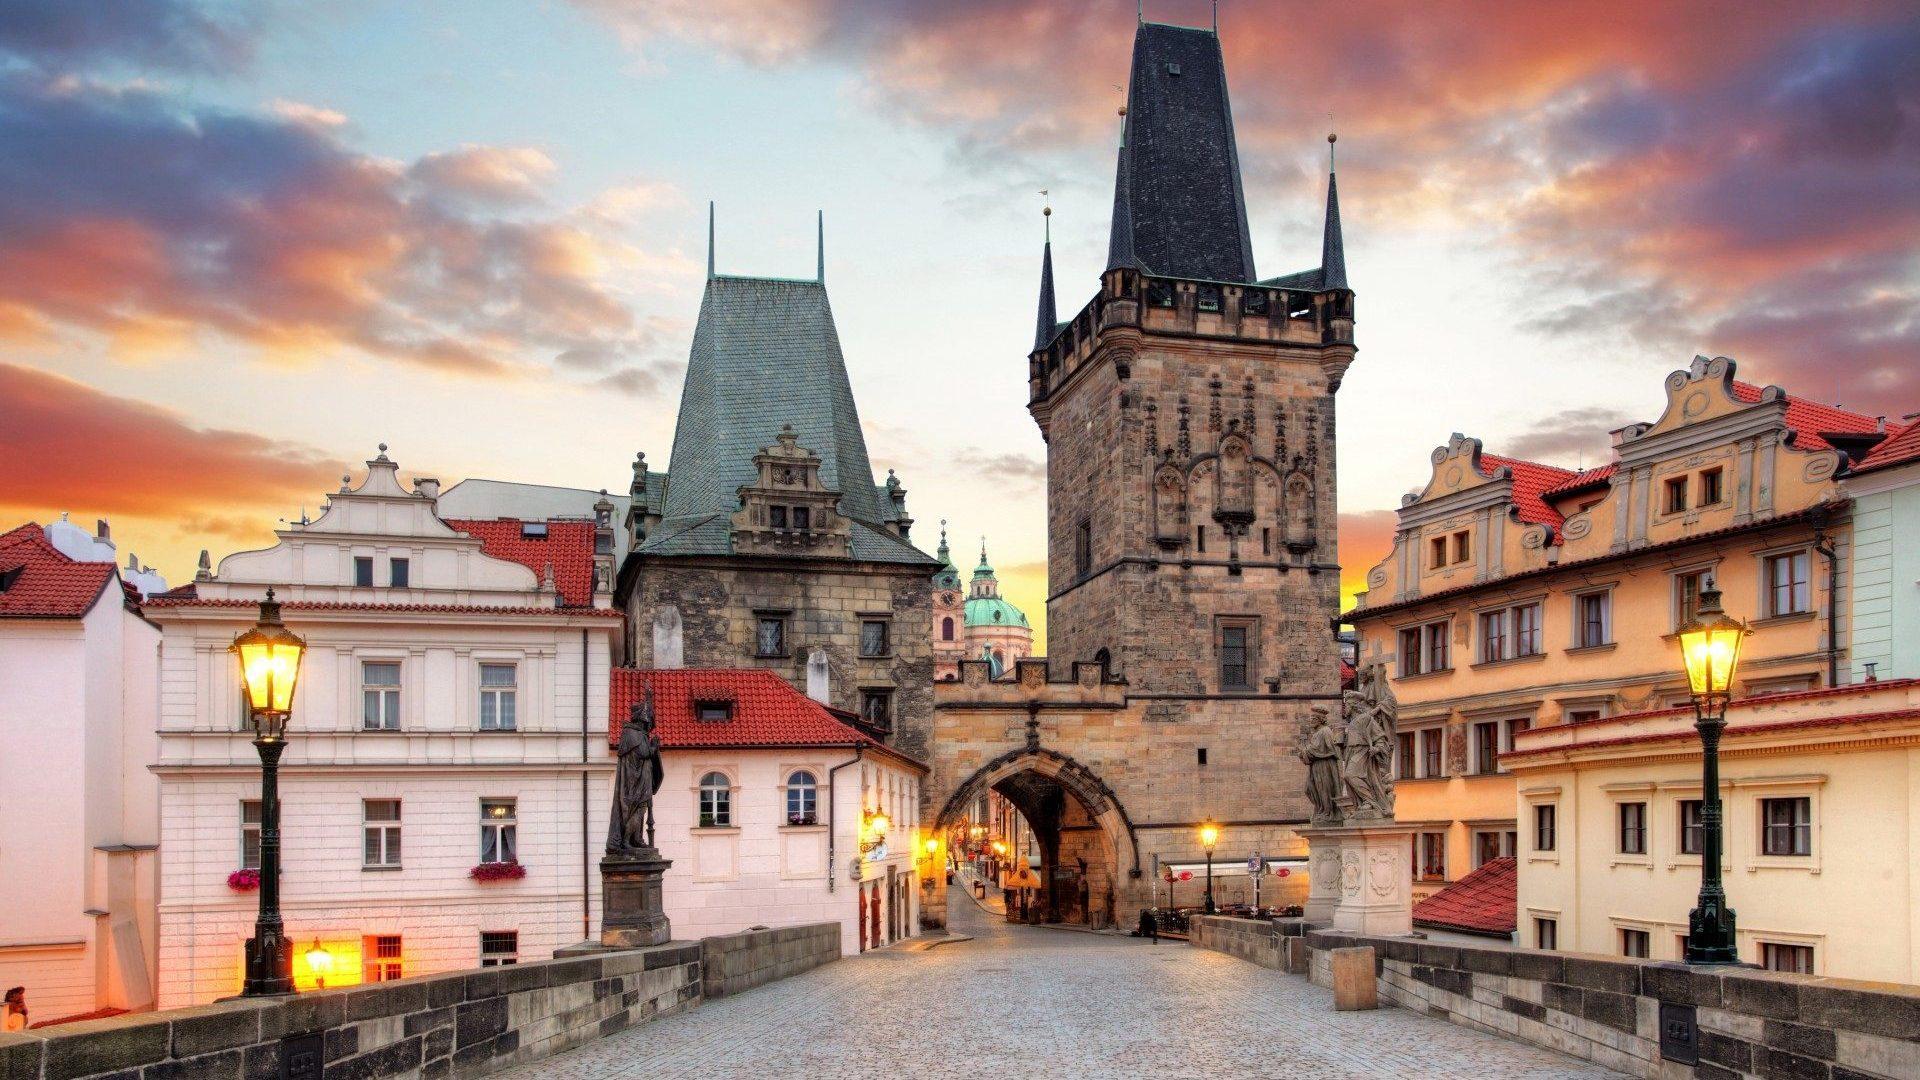 Charles Bridge Prague Photo 1920x1080